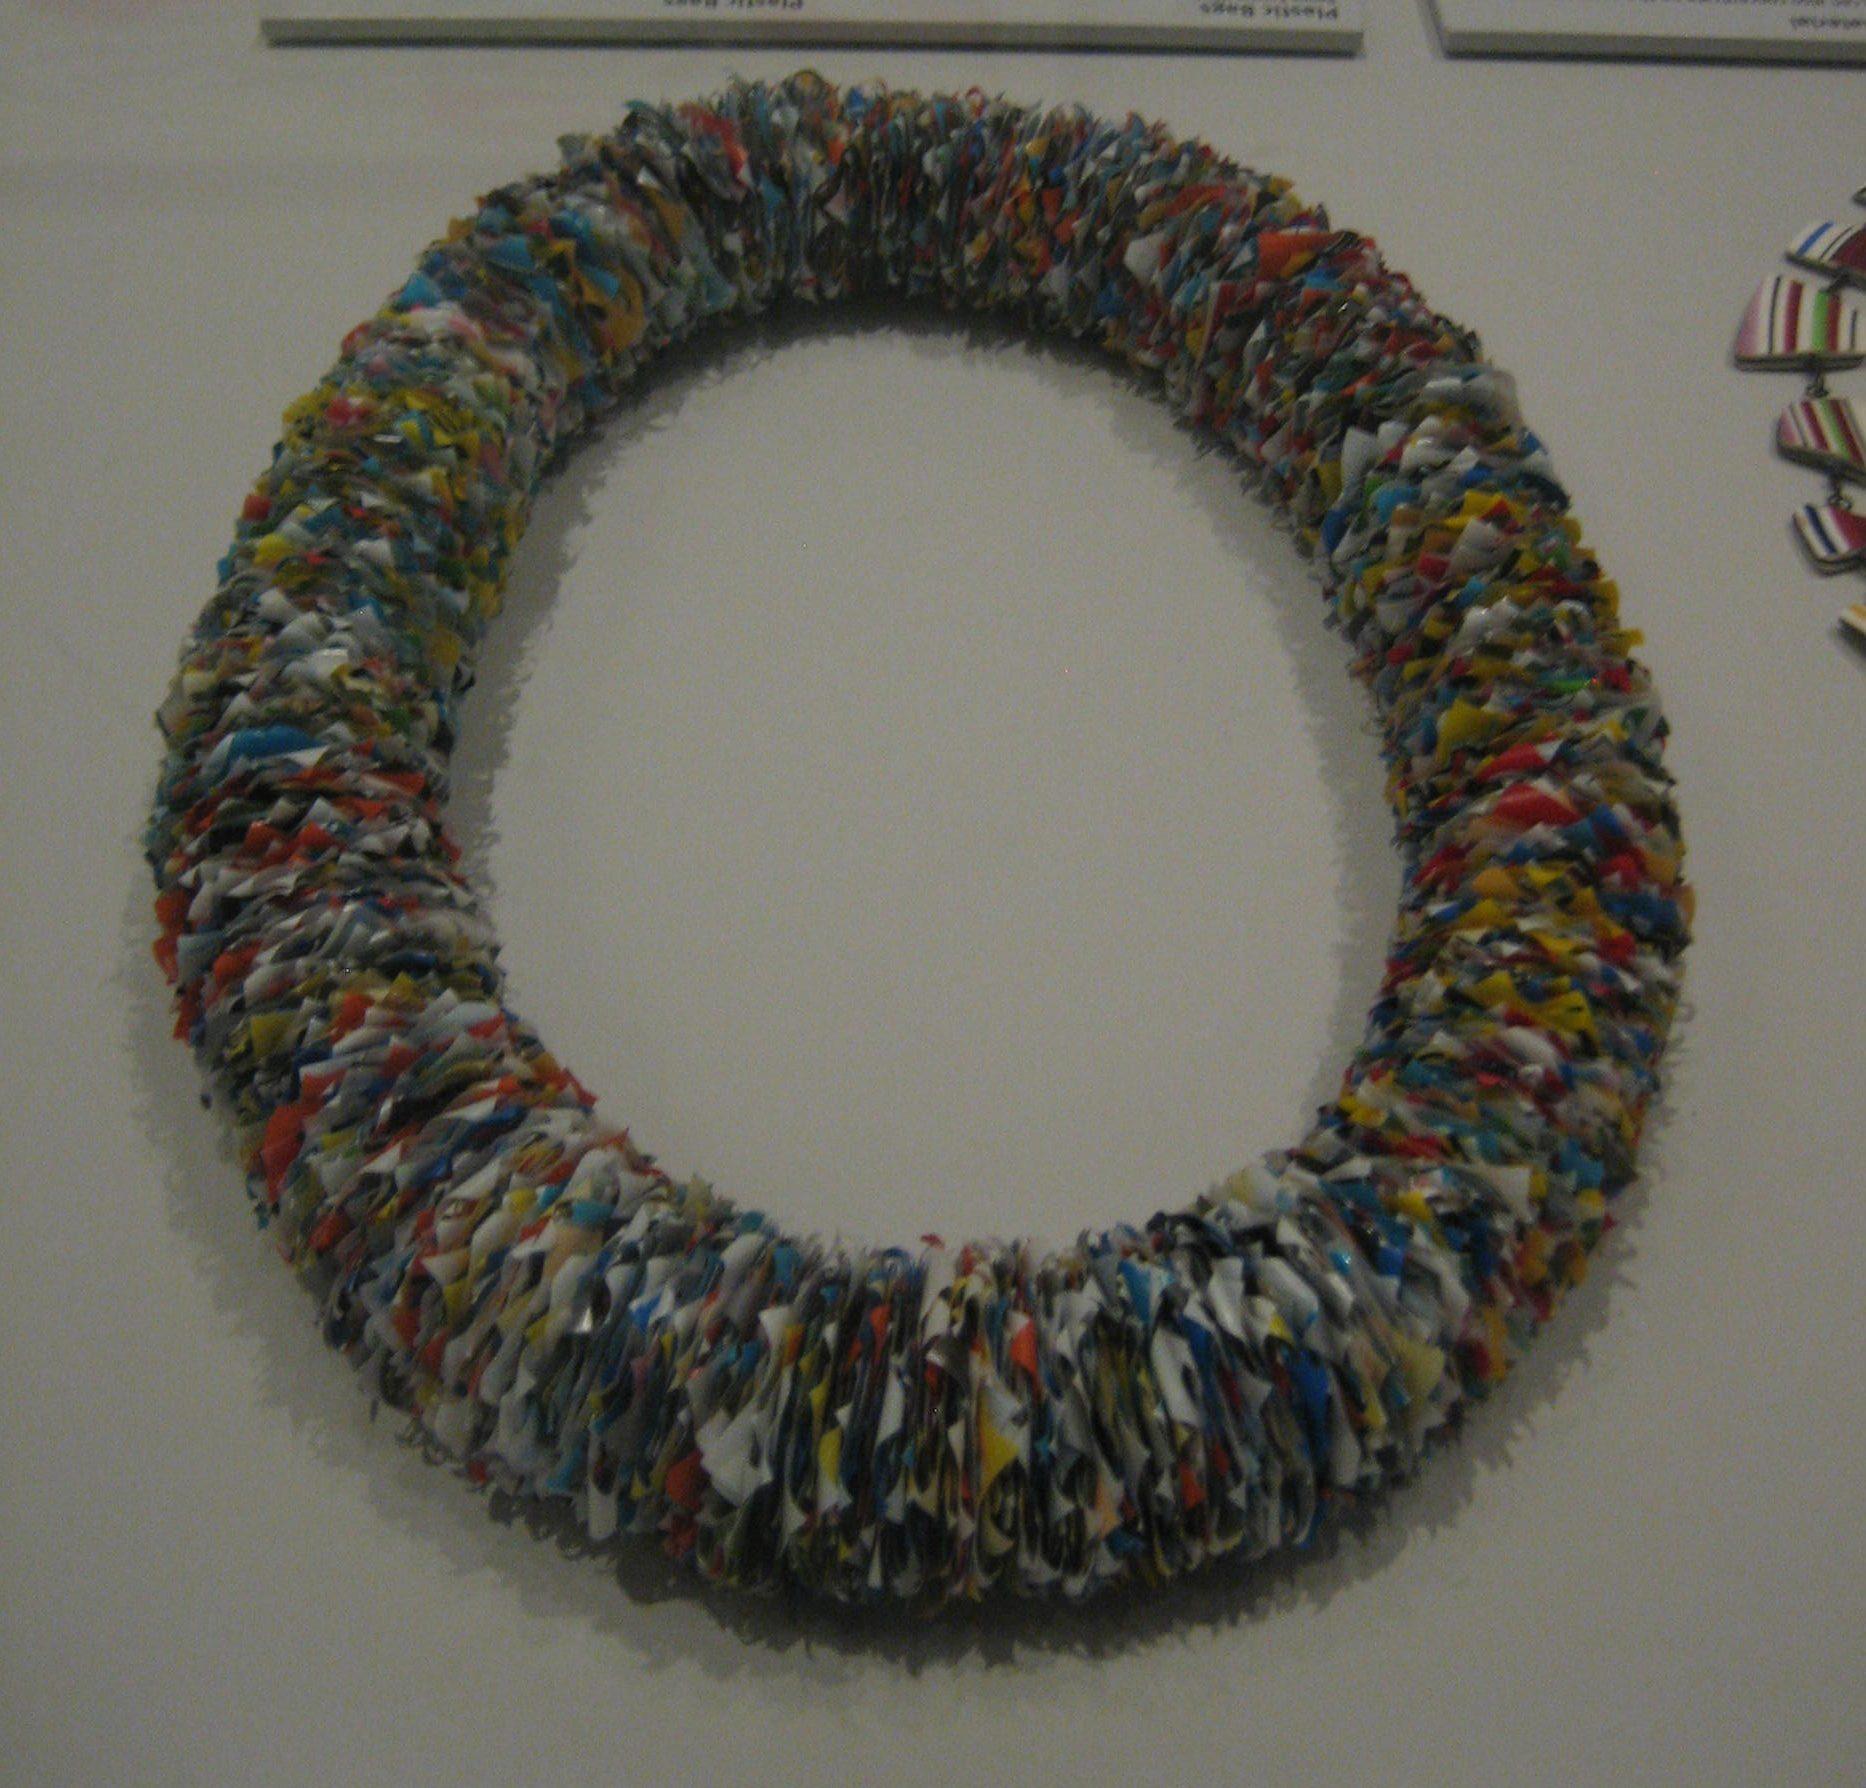 Beppe Kessler, Plastic Bags, halssieraad, 1985. Rijksmuseum, Tweede leven, 2017. Collectie Rijksmuseum, BK-2010-2-37, plastic, tentoonstelling, vitrine